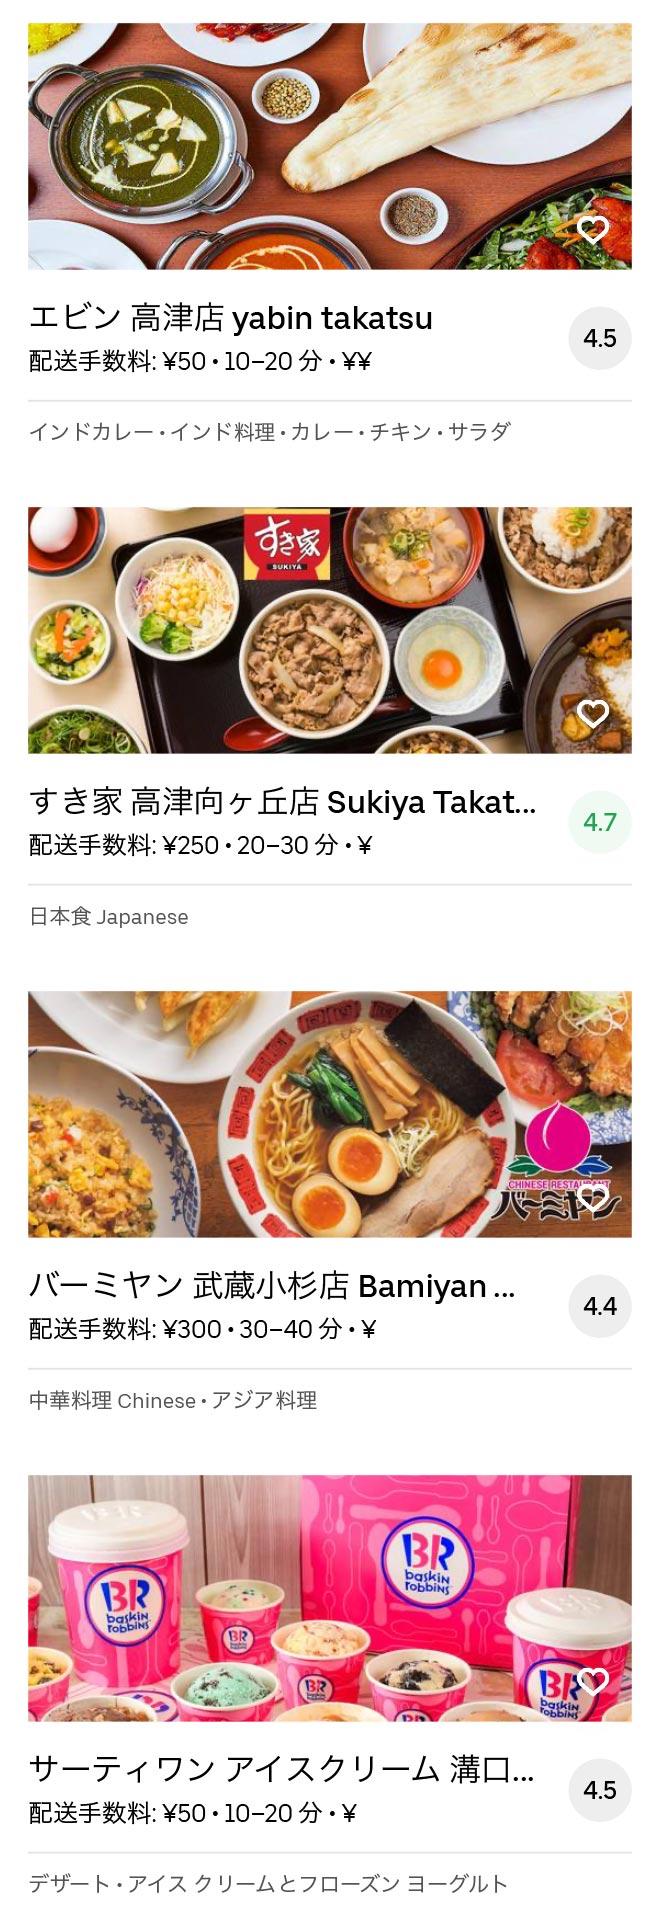 Takatsu menu 2004 04